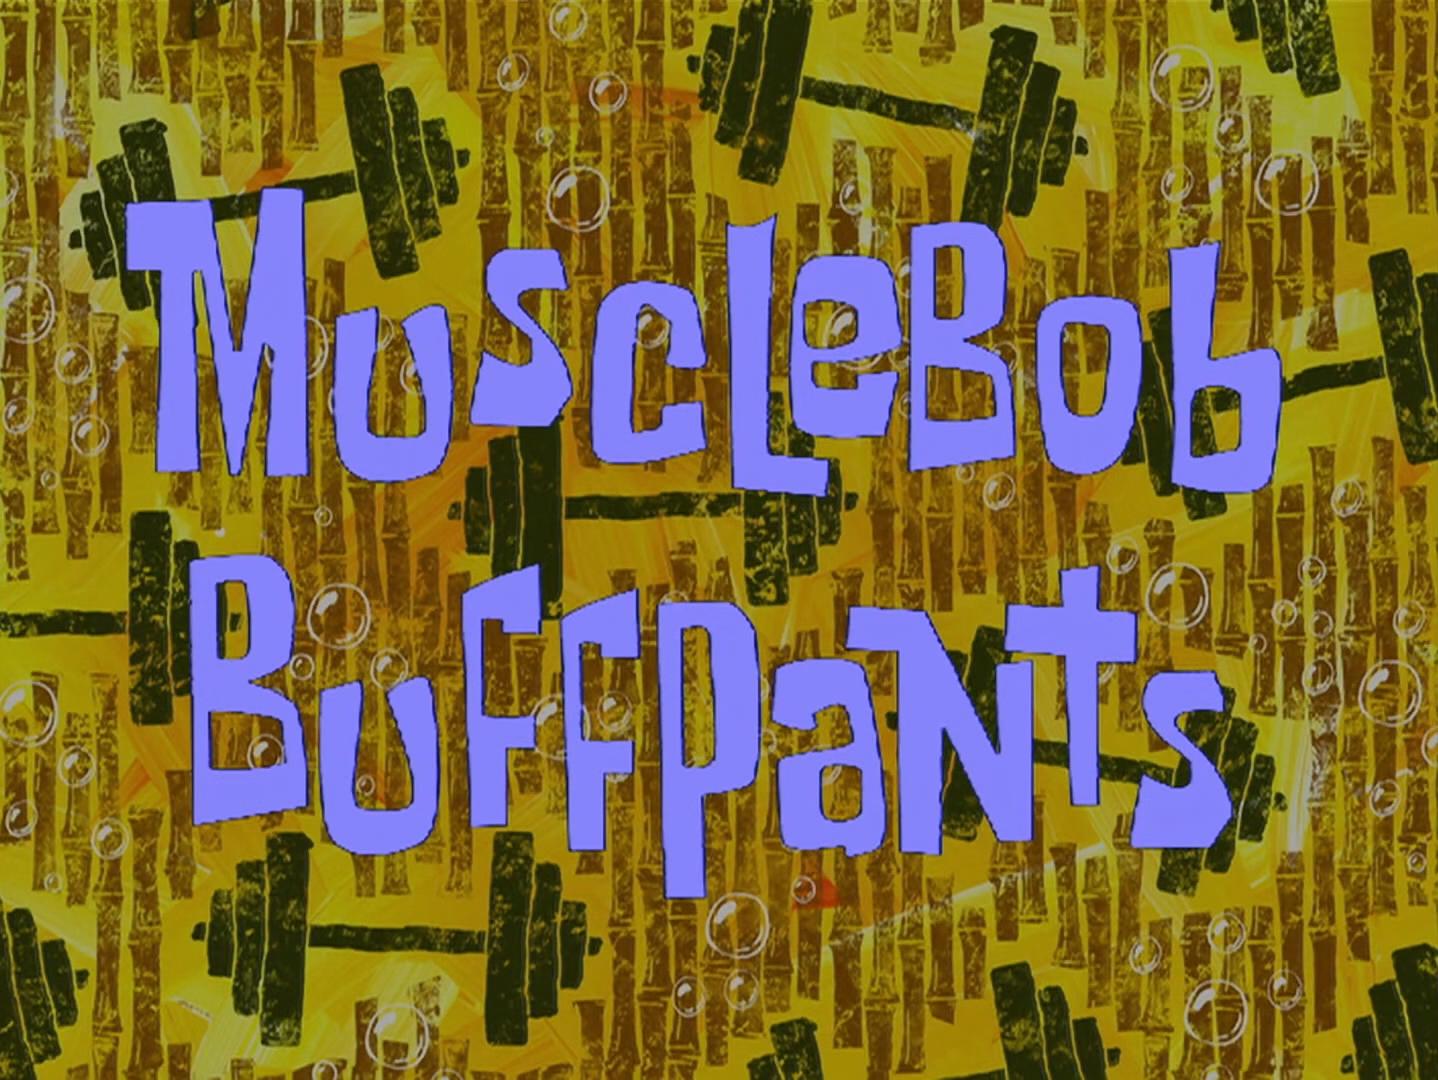 MuscleBob BuffPants